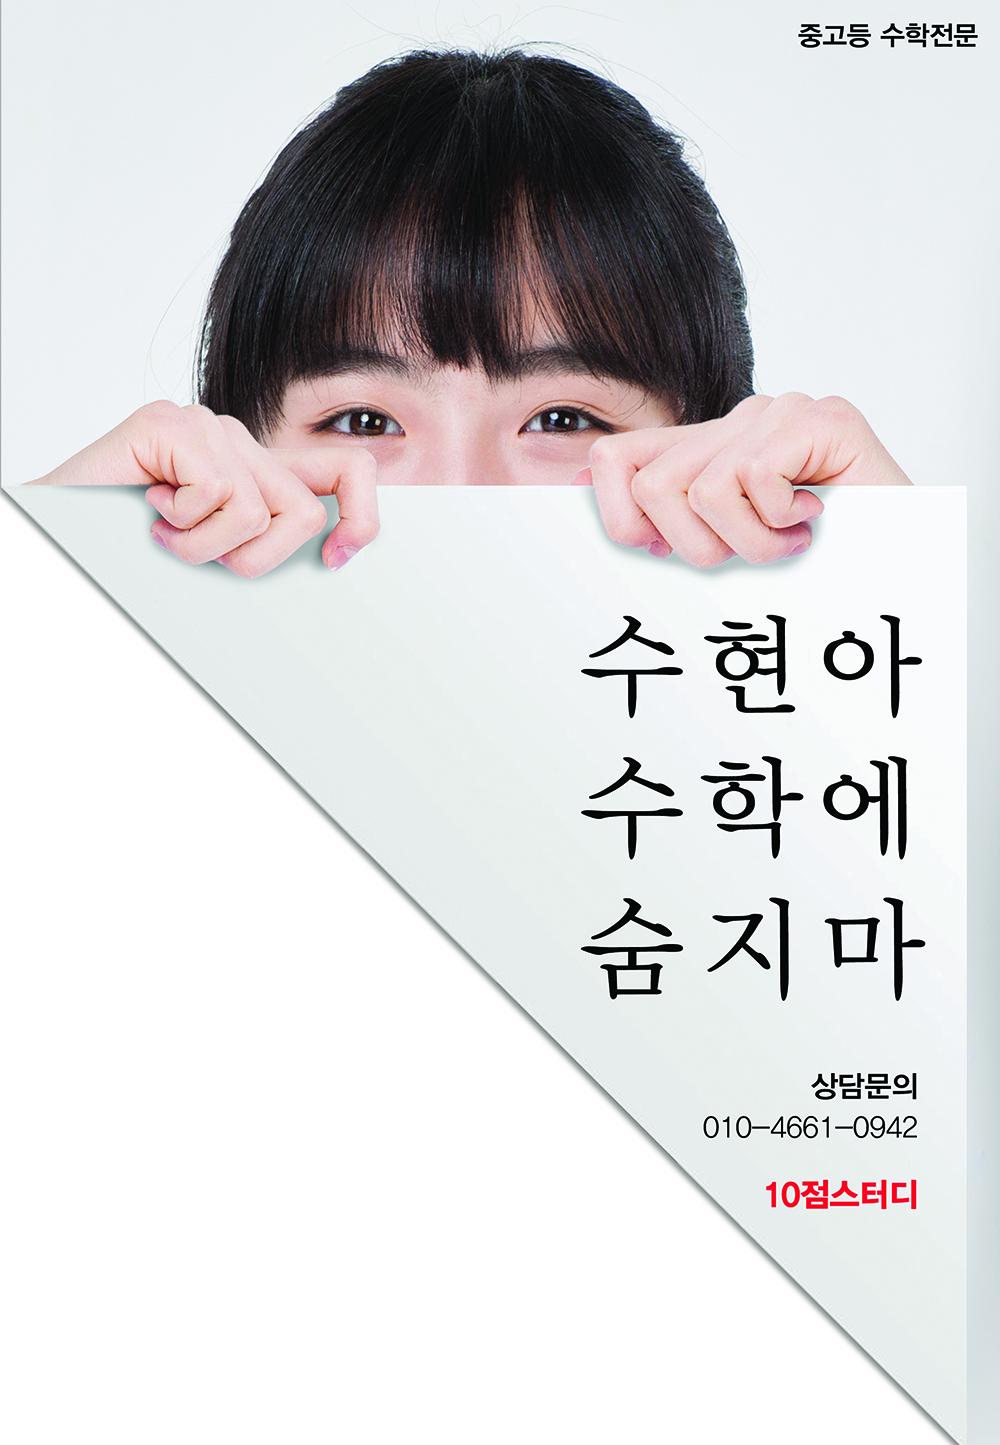 기발한광고_빅아이디어연구소5